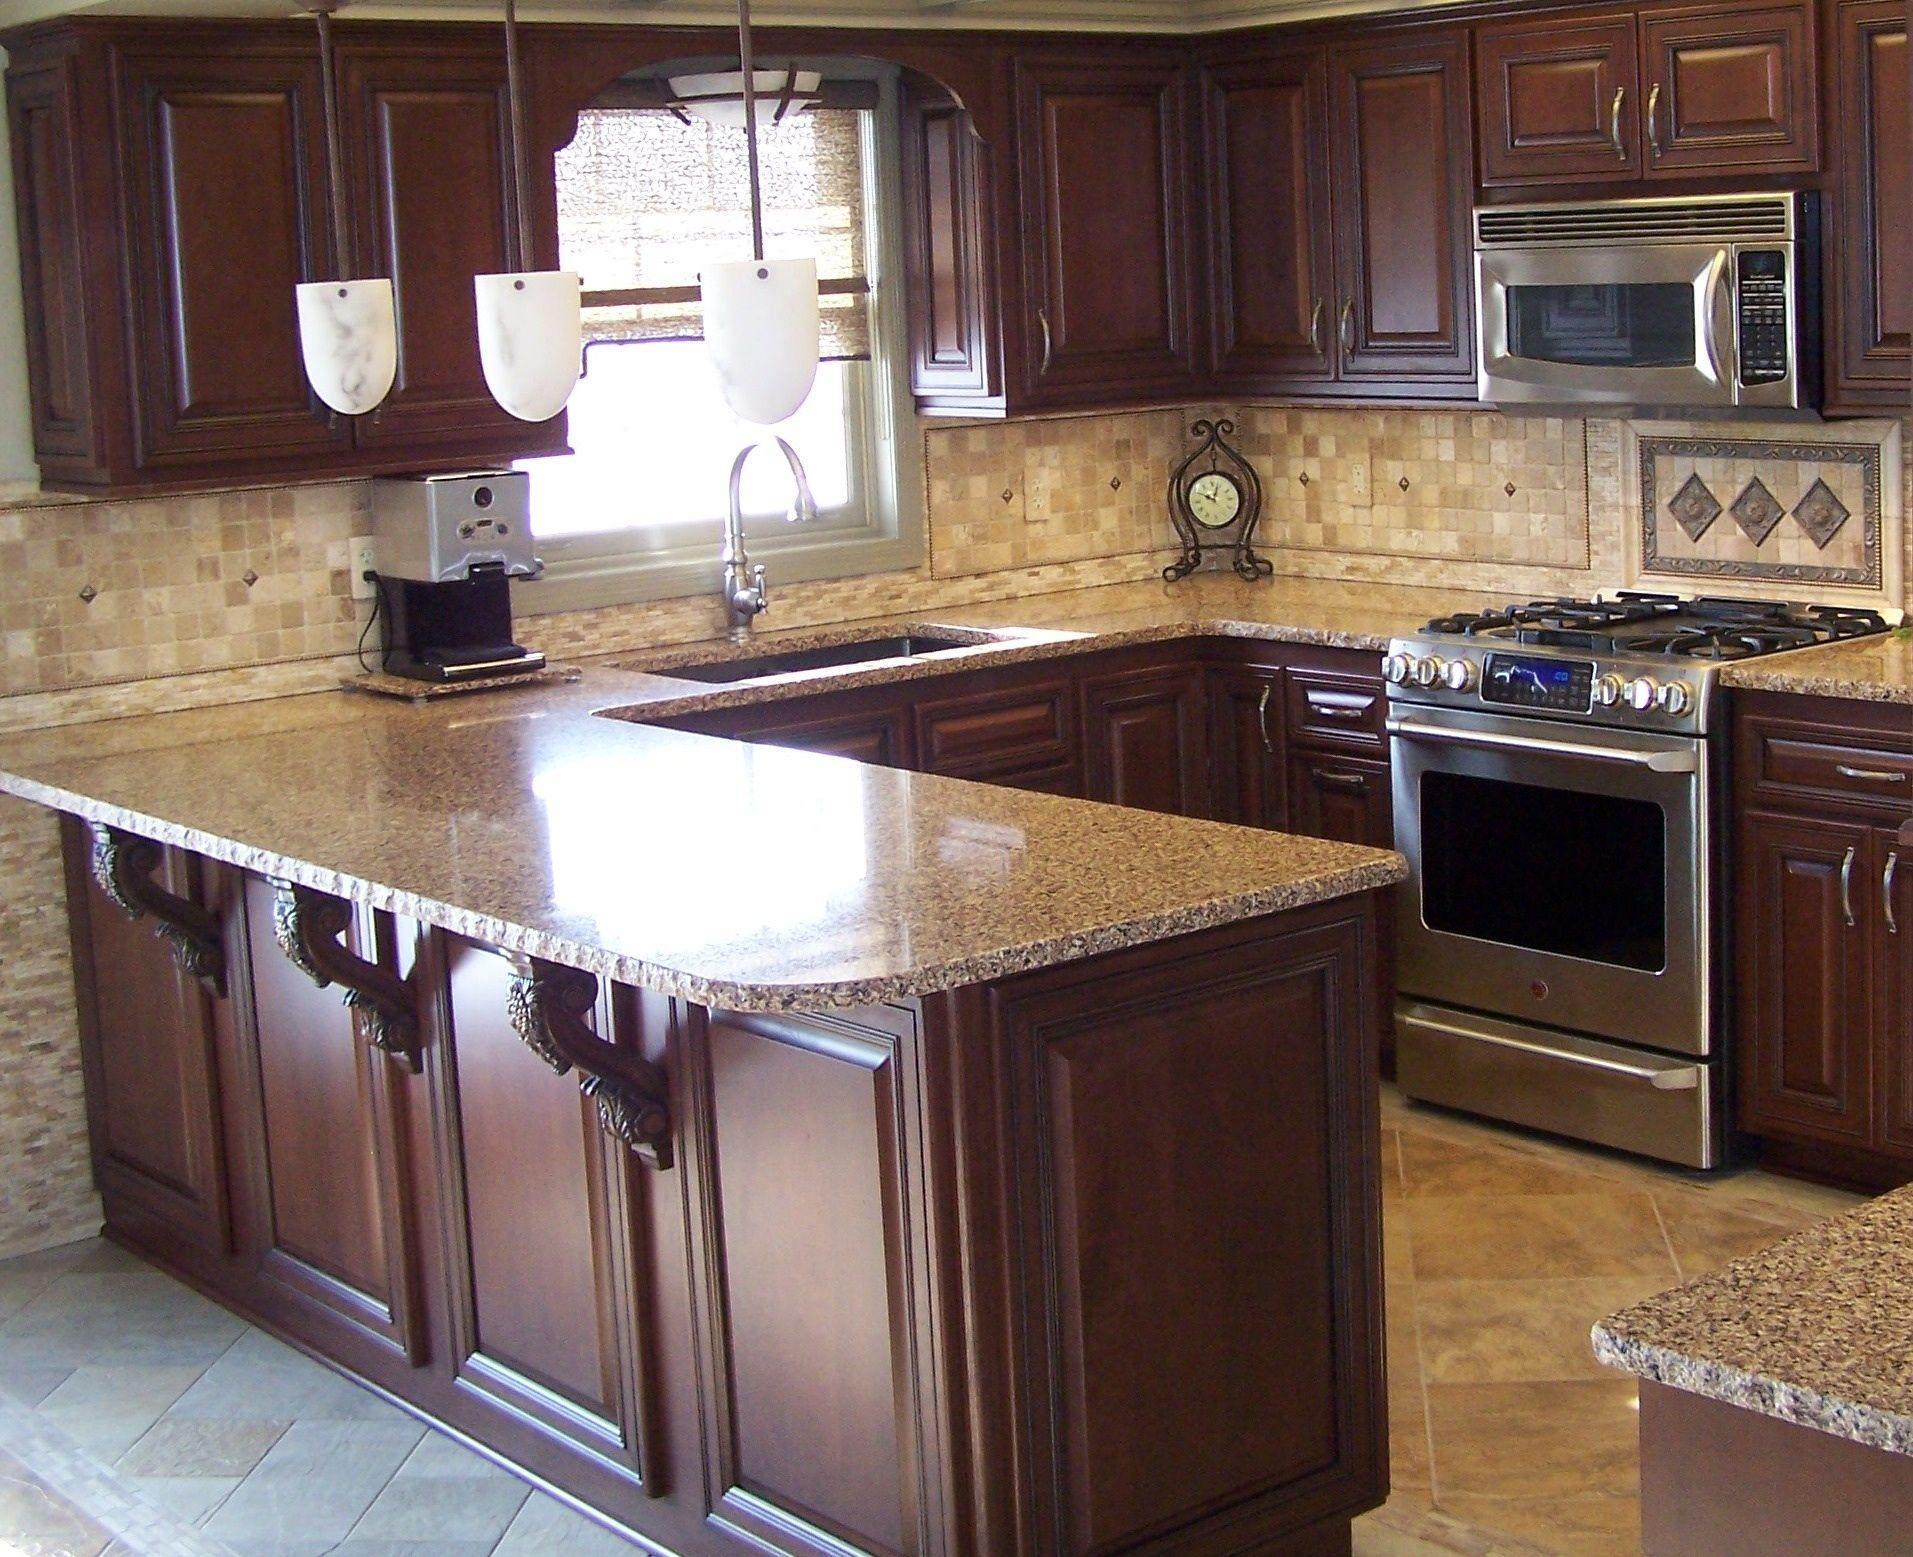 Küchendesign schwarz und rot looks like a mibel property  küche  pinterest  design